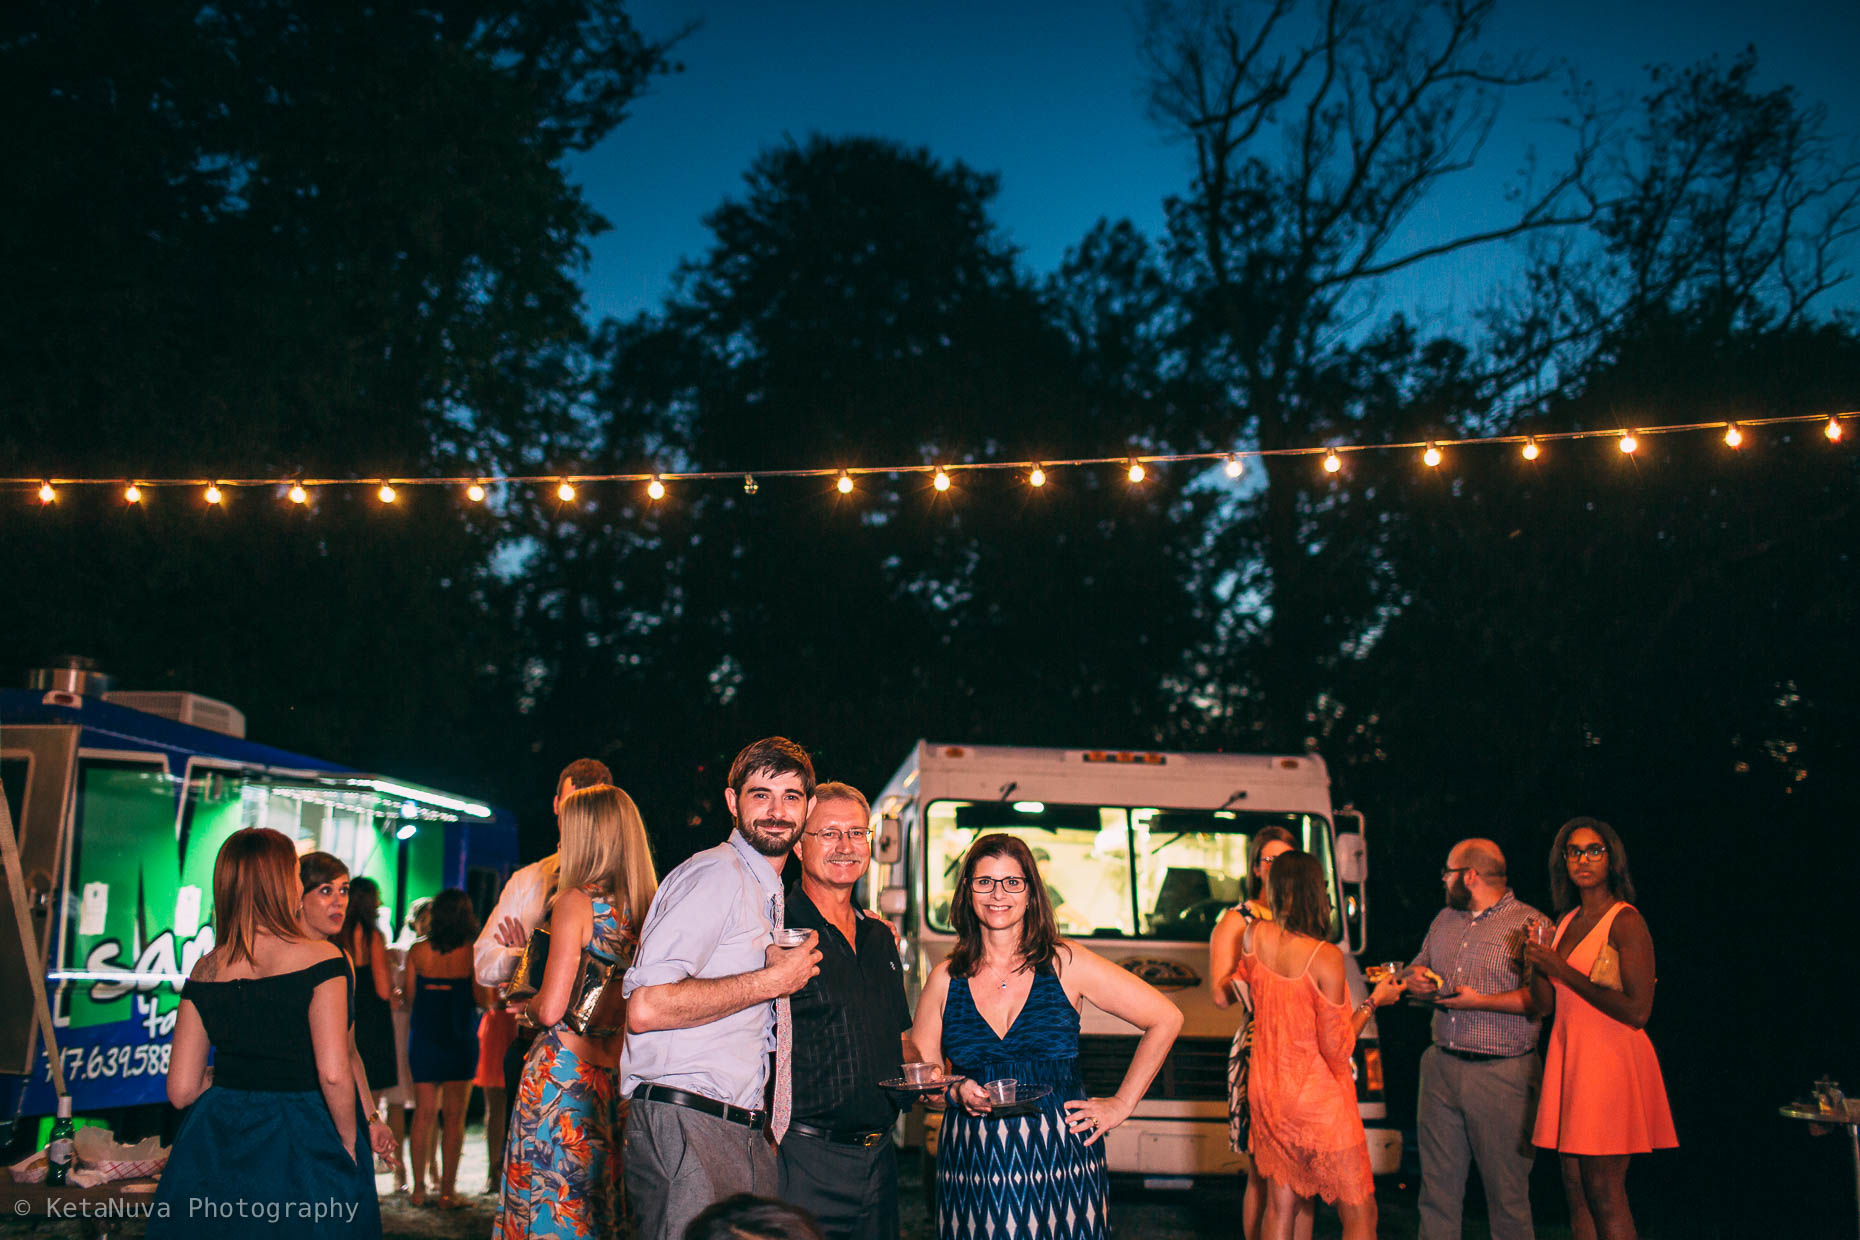 Sunken Garden - Lauxmont Farms Wedding | Aubrey & Barrett Lauxmont Farms Wedding Sunken Garden44